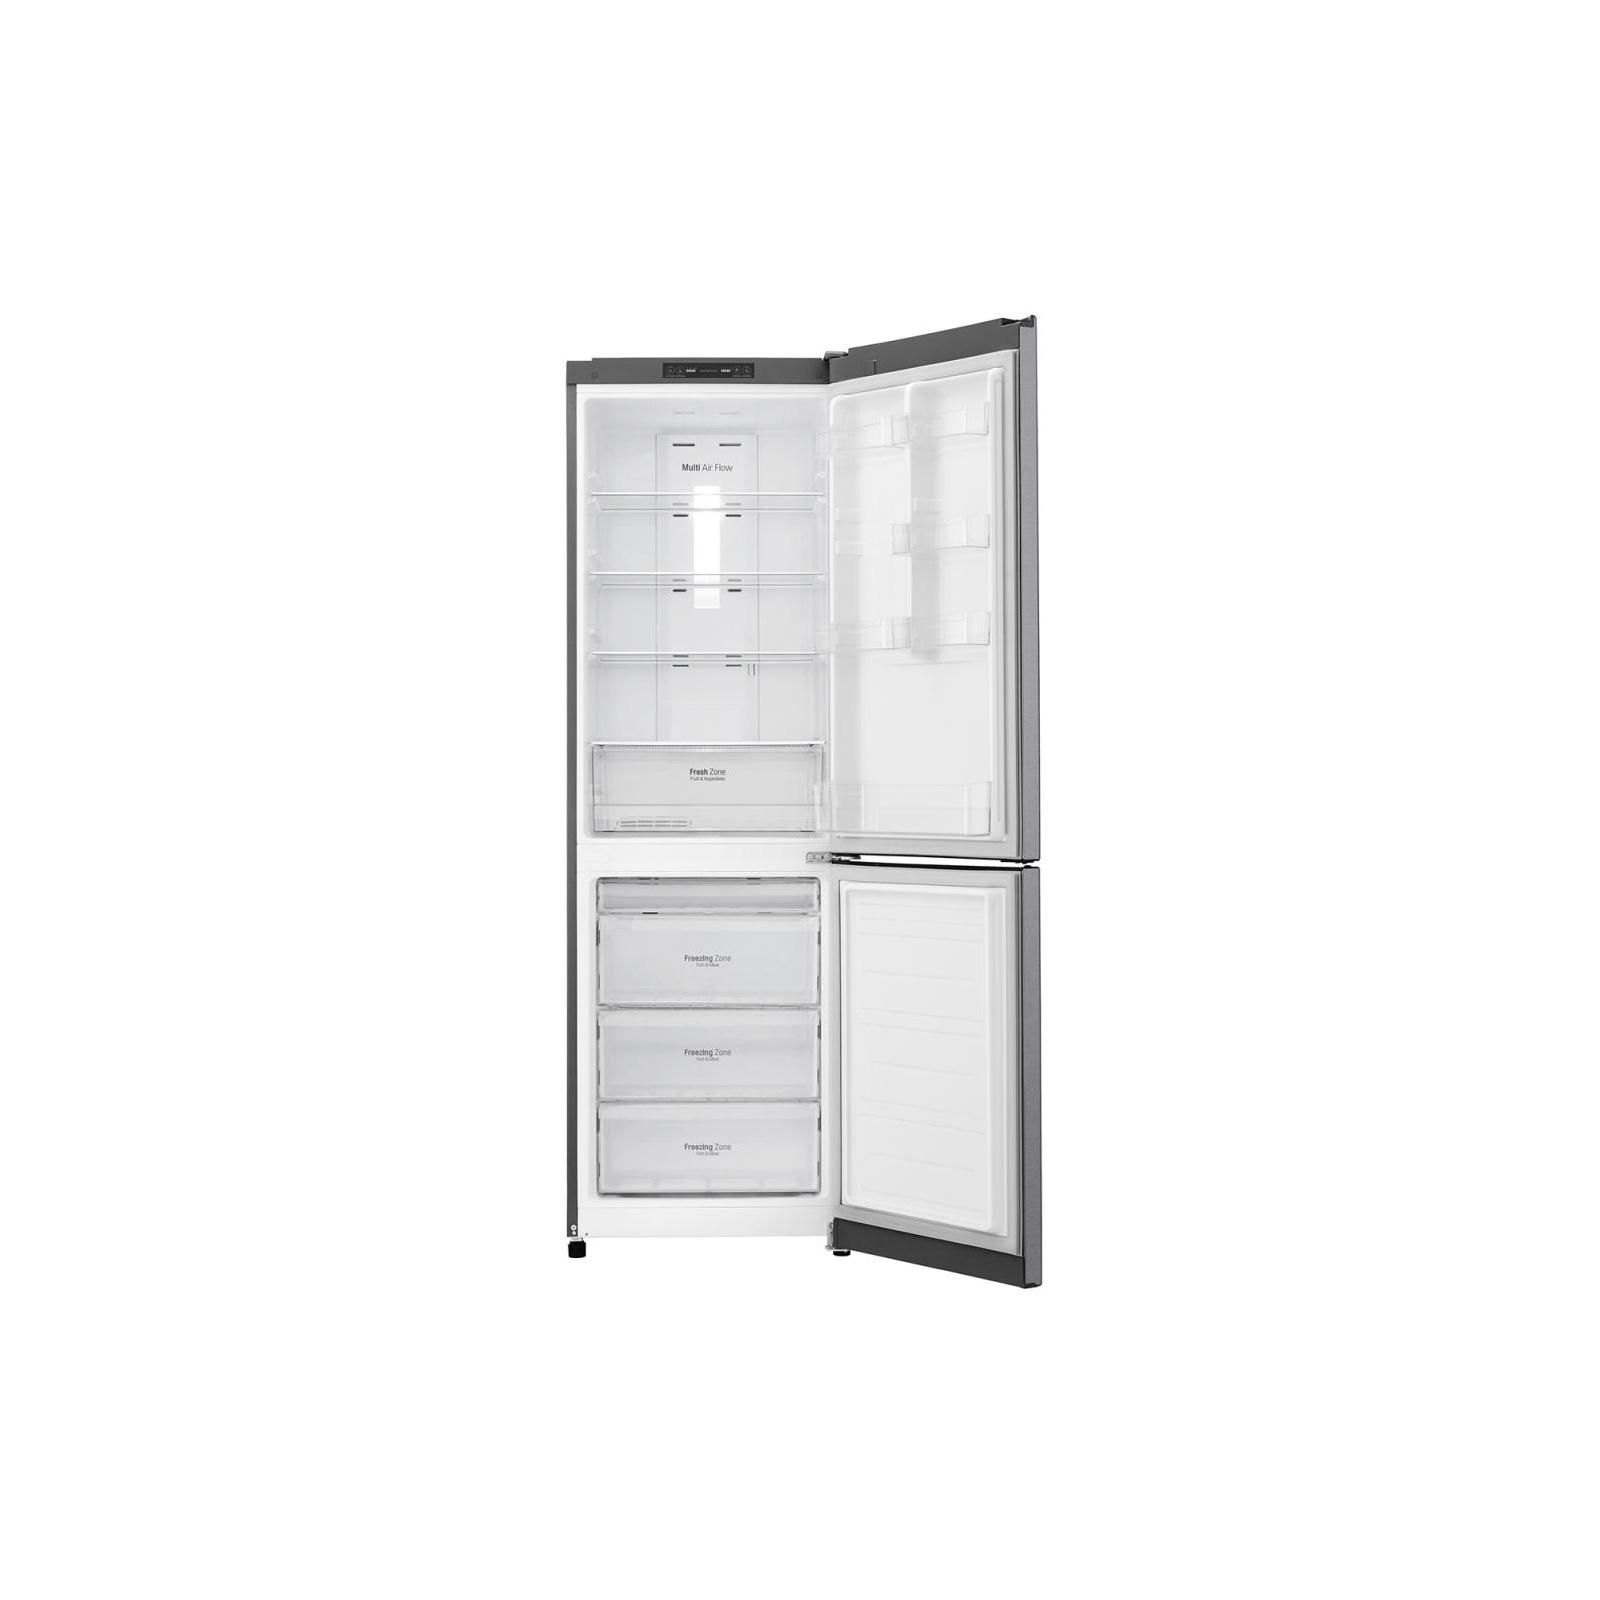 Холодильник LG GA-B419SLJL изображение 2